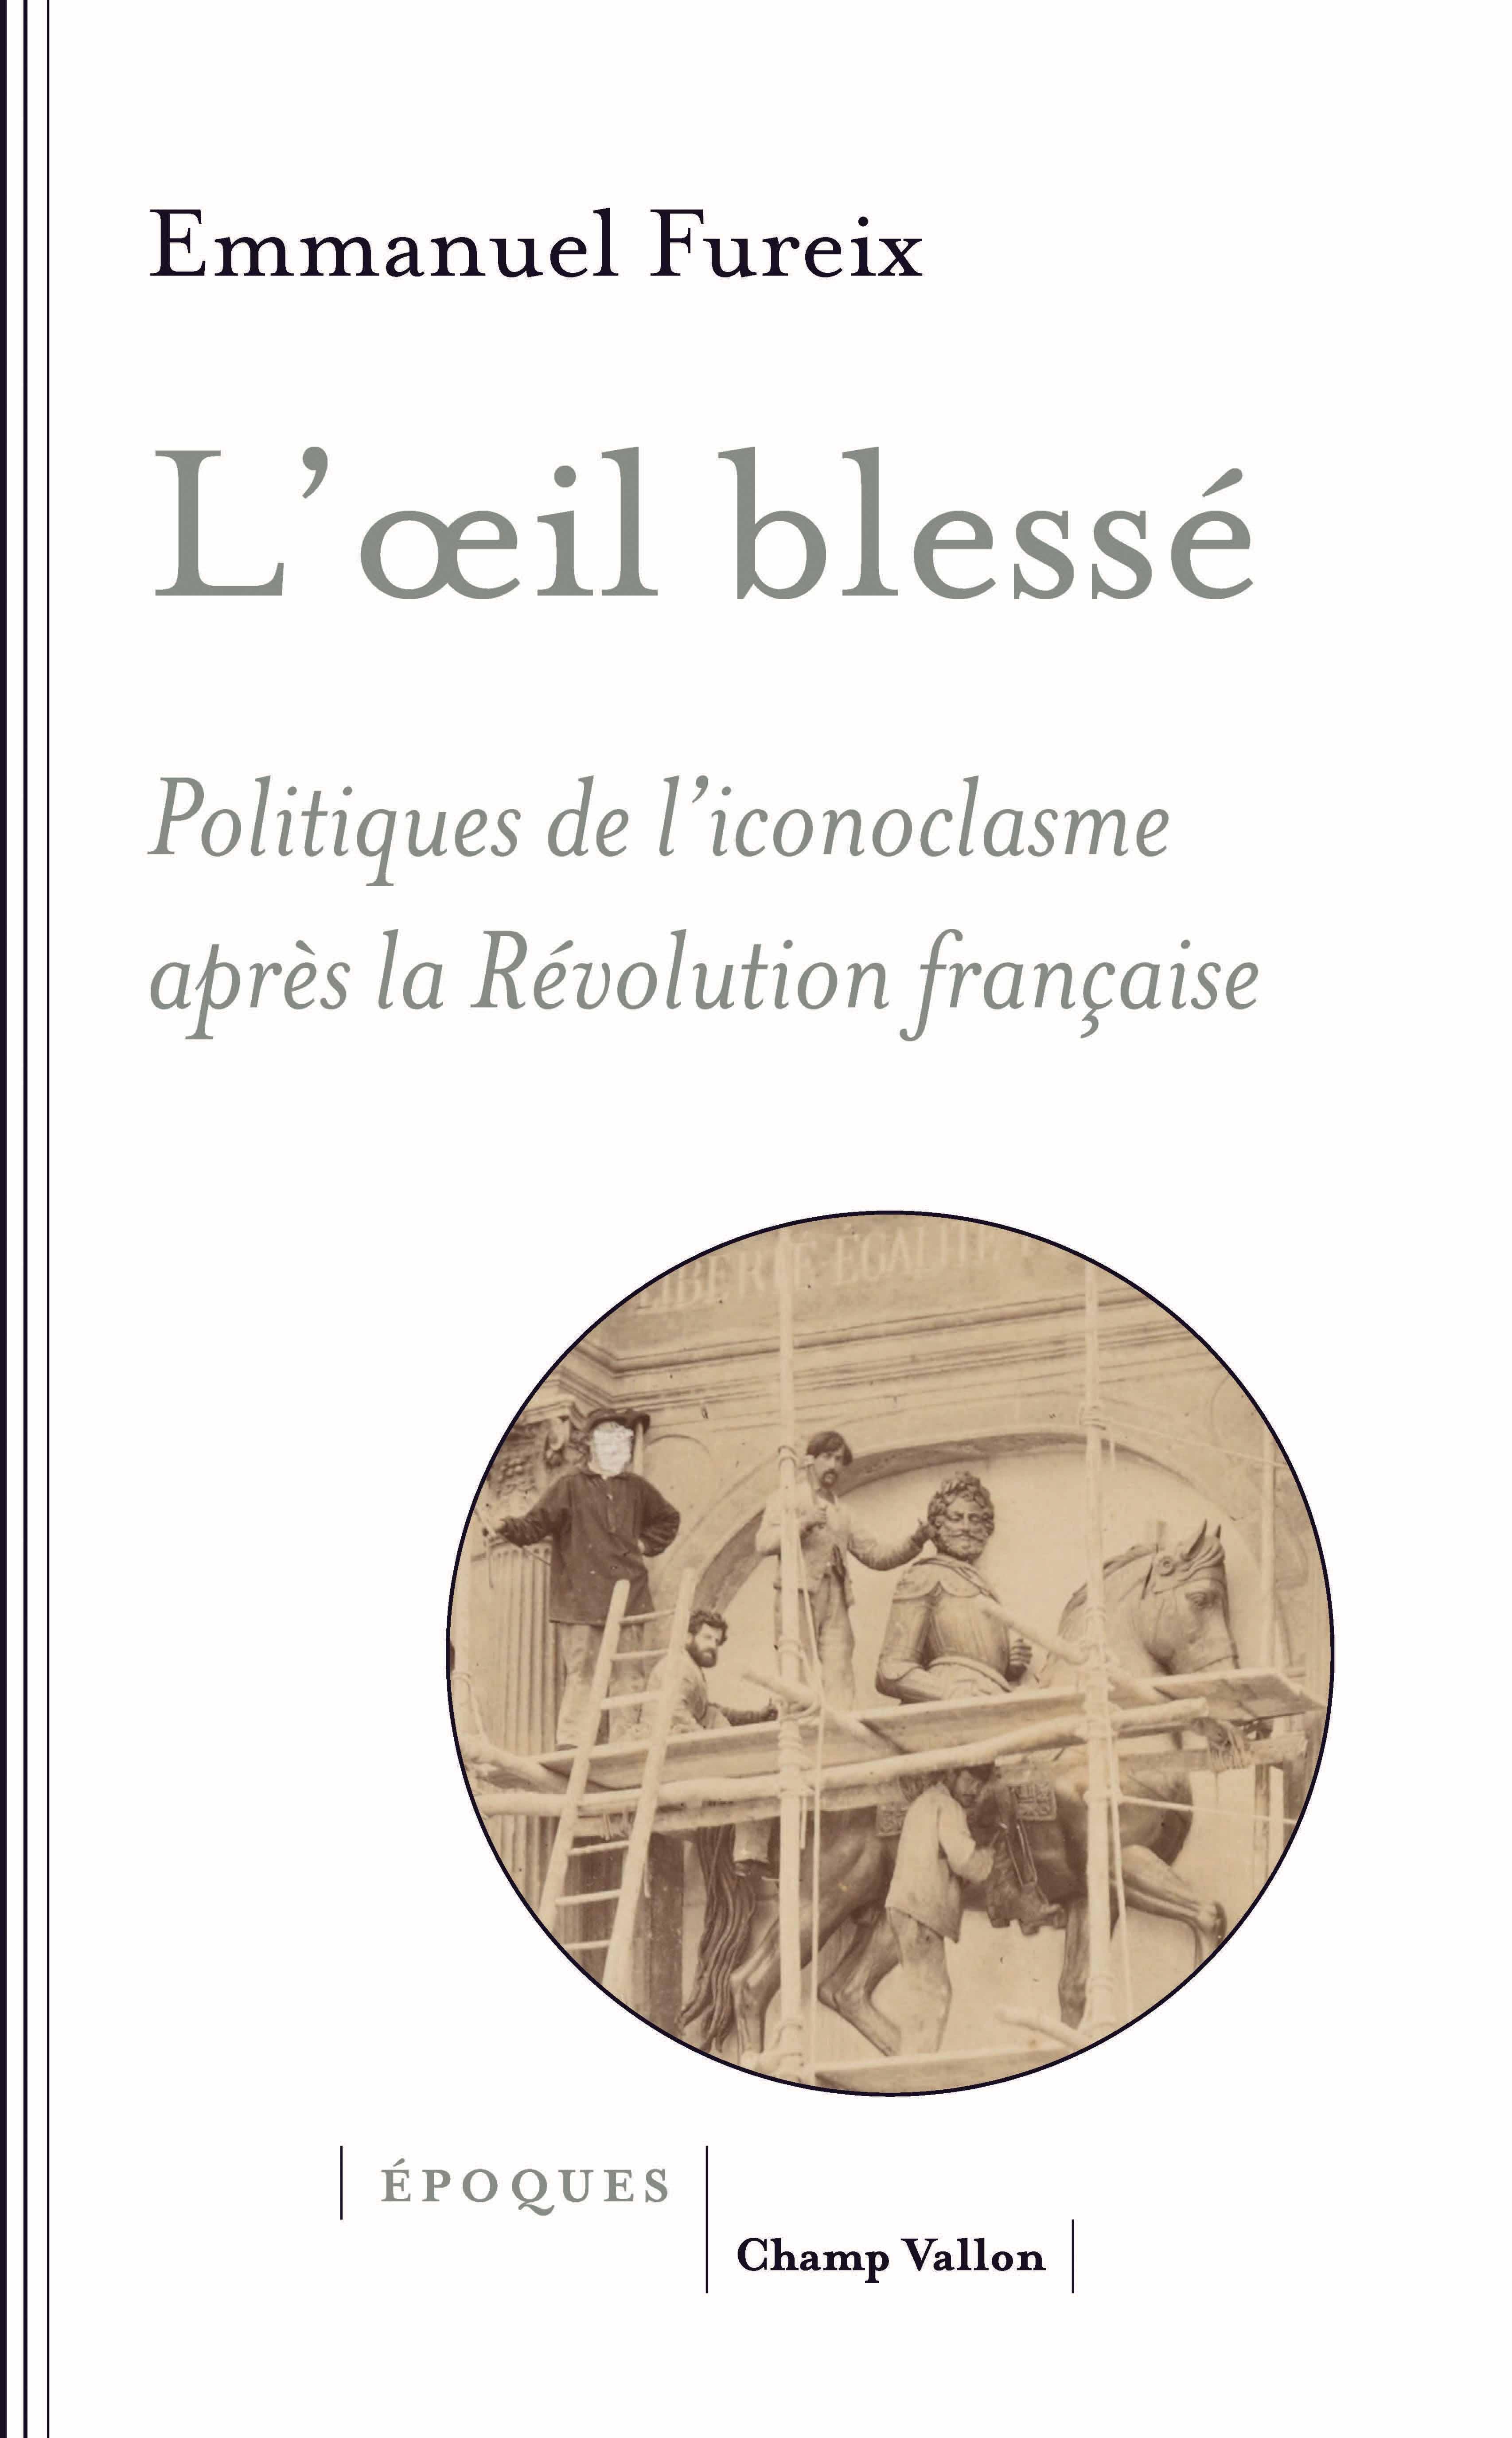 E. Fureix, L'œil blessé. Politiques de l'iconoclasme après la Révolution française